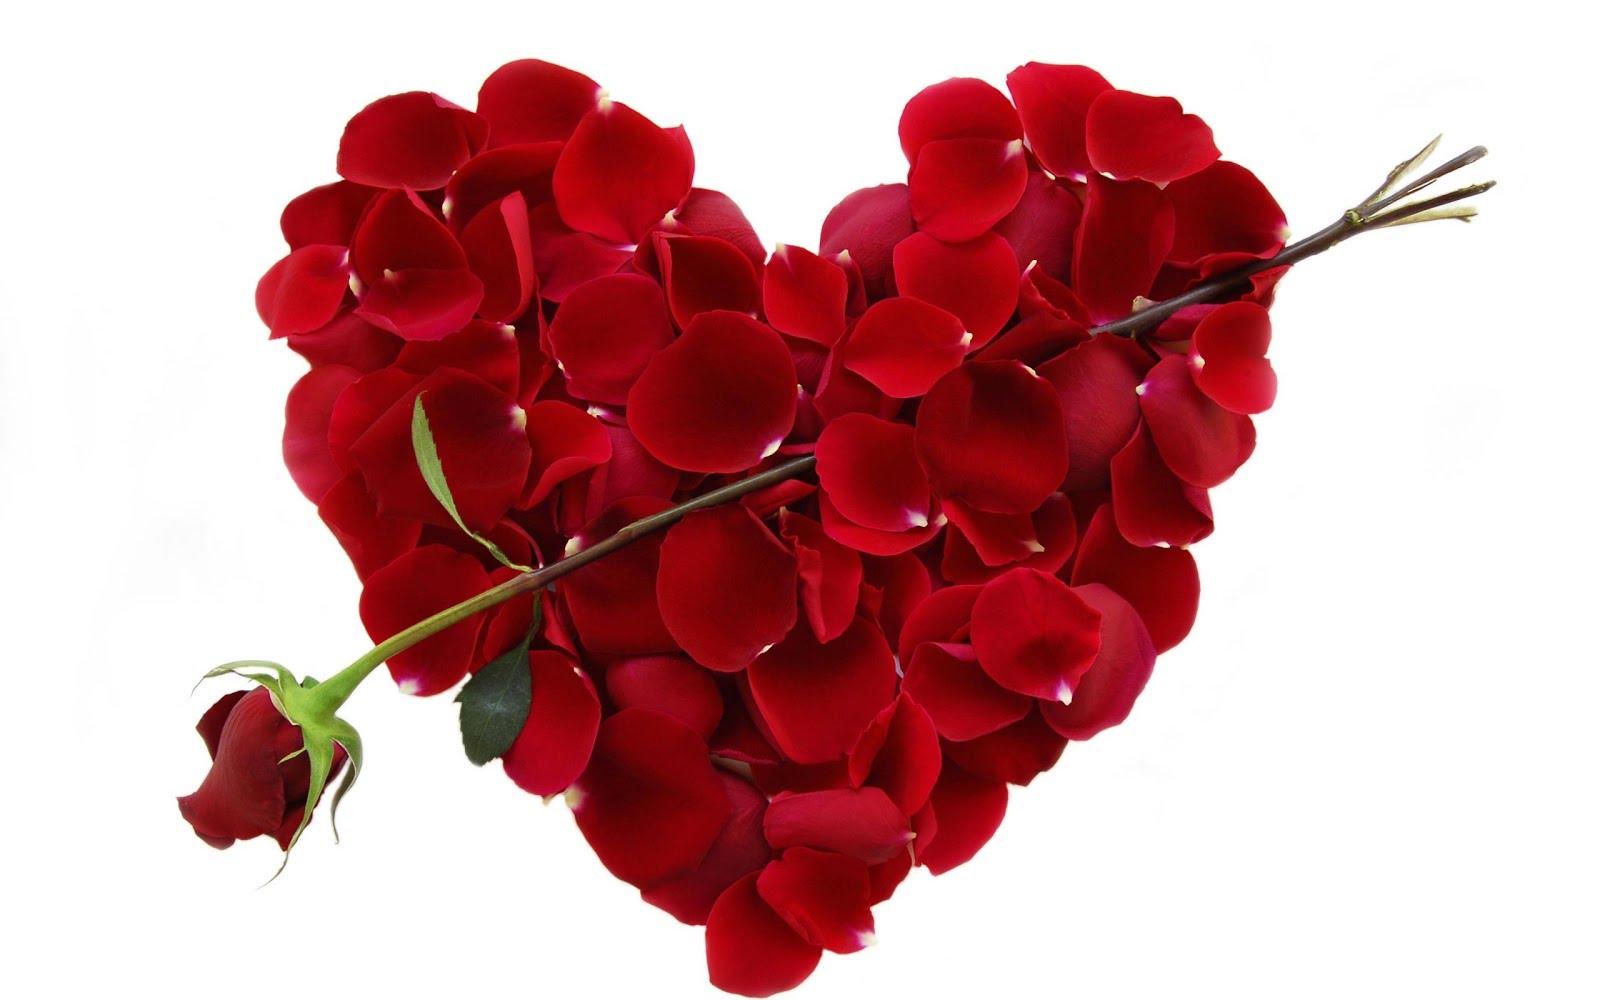 بالصور صور تصاميم عيد الحب صور ورود عيد الحب معايدات عيد الحب , بوستات ليوم العشاق 3877 6